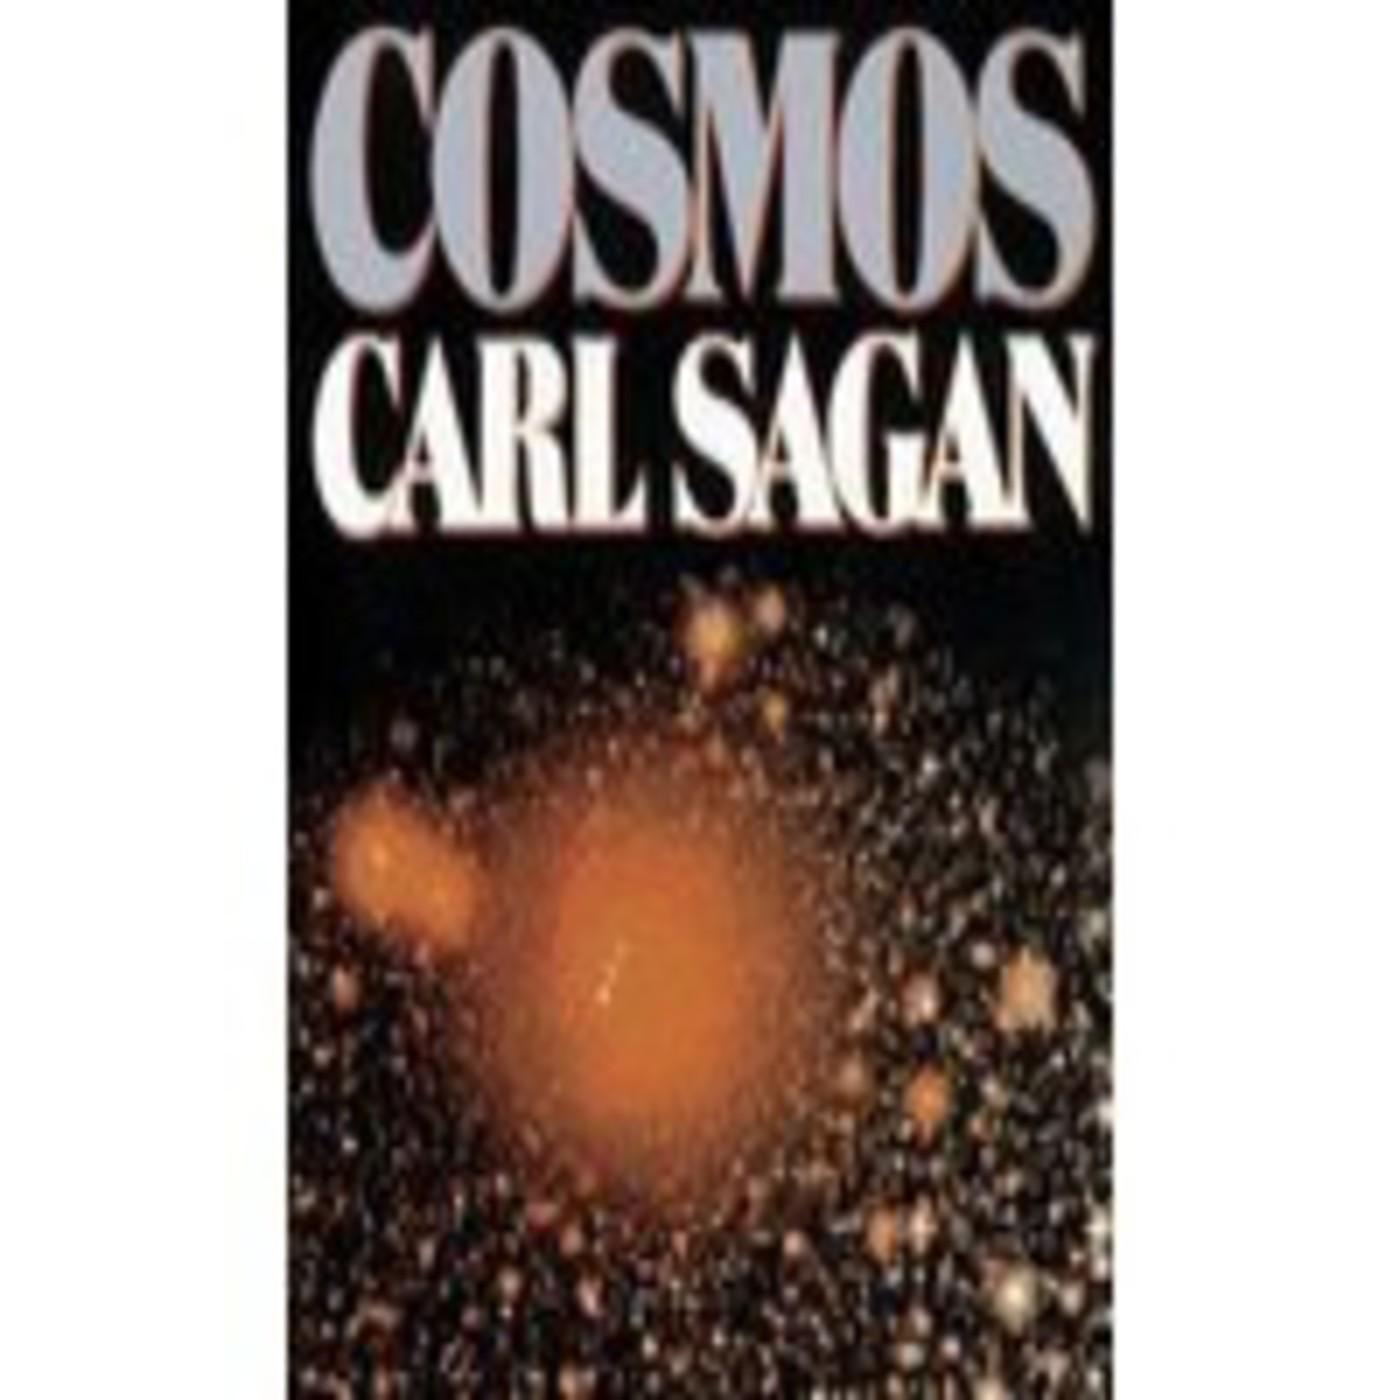 COSMOS (Carl Sagan) - El filo de la eternidad